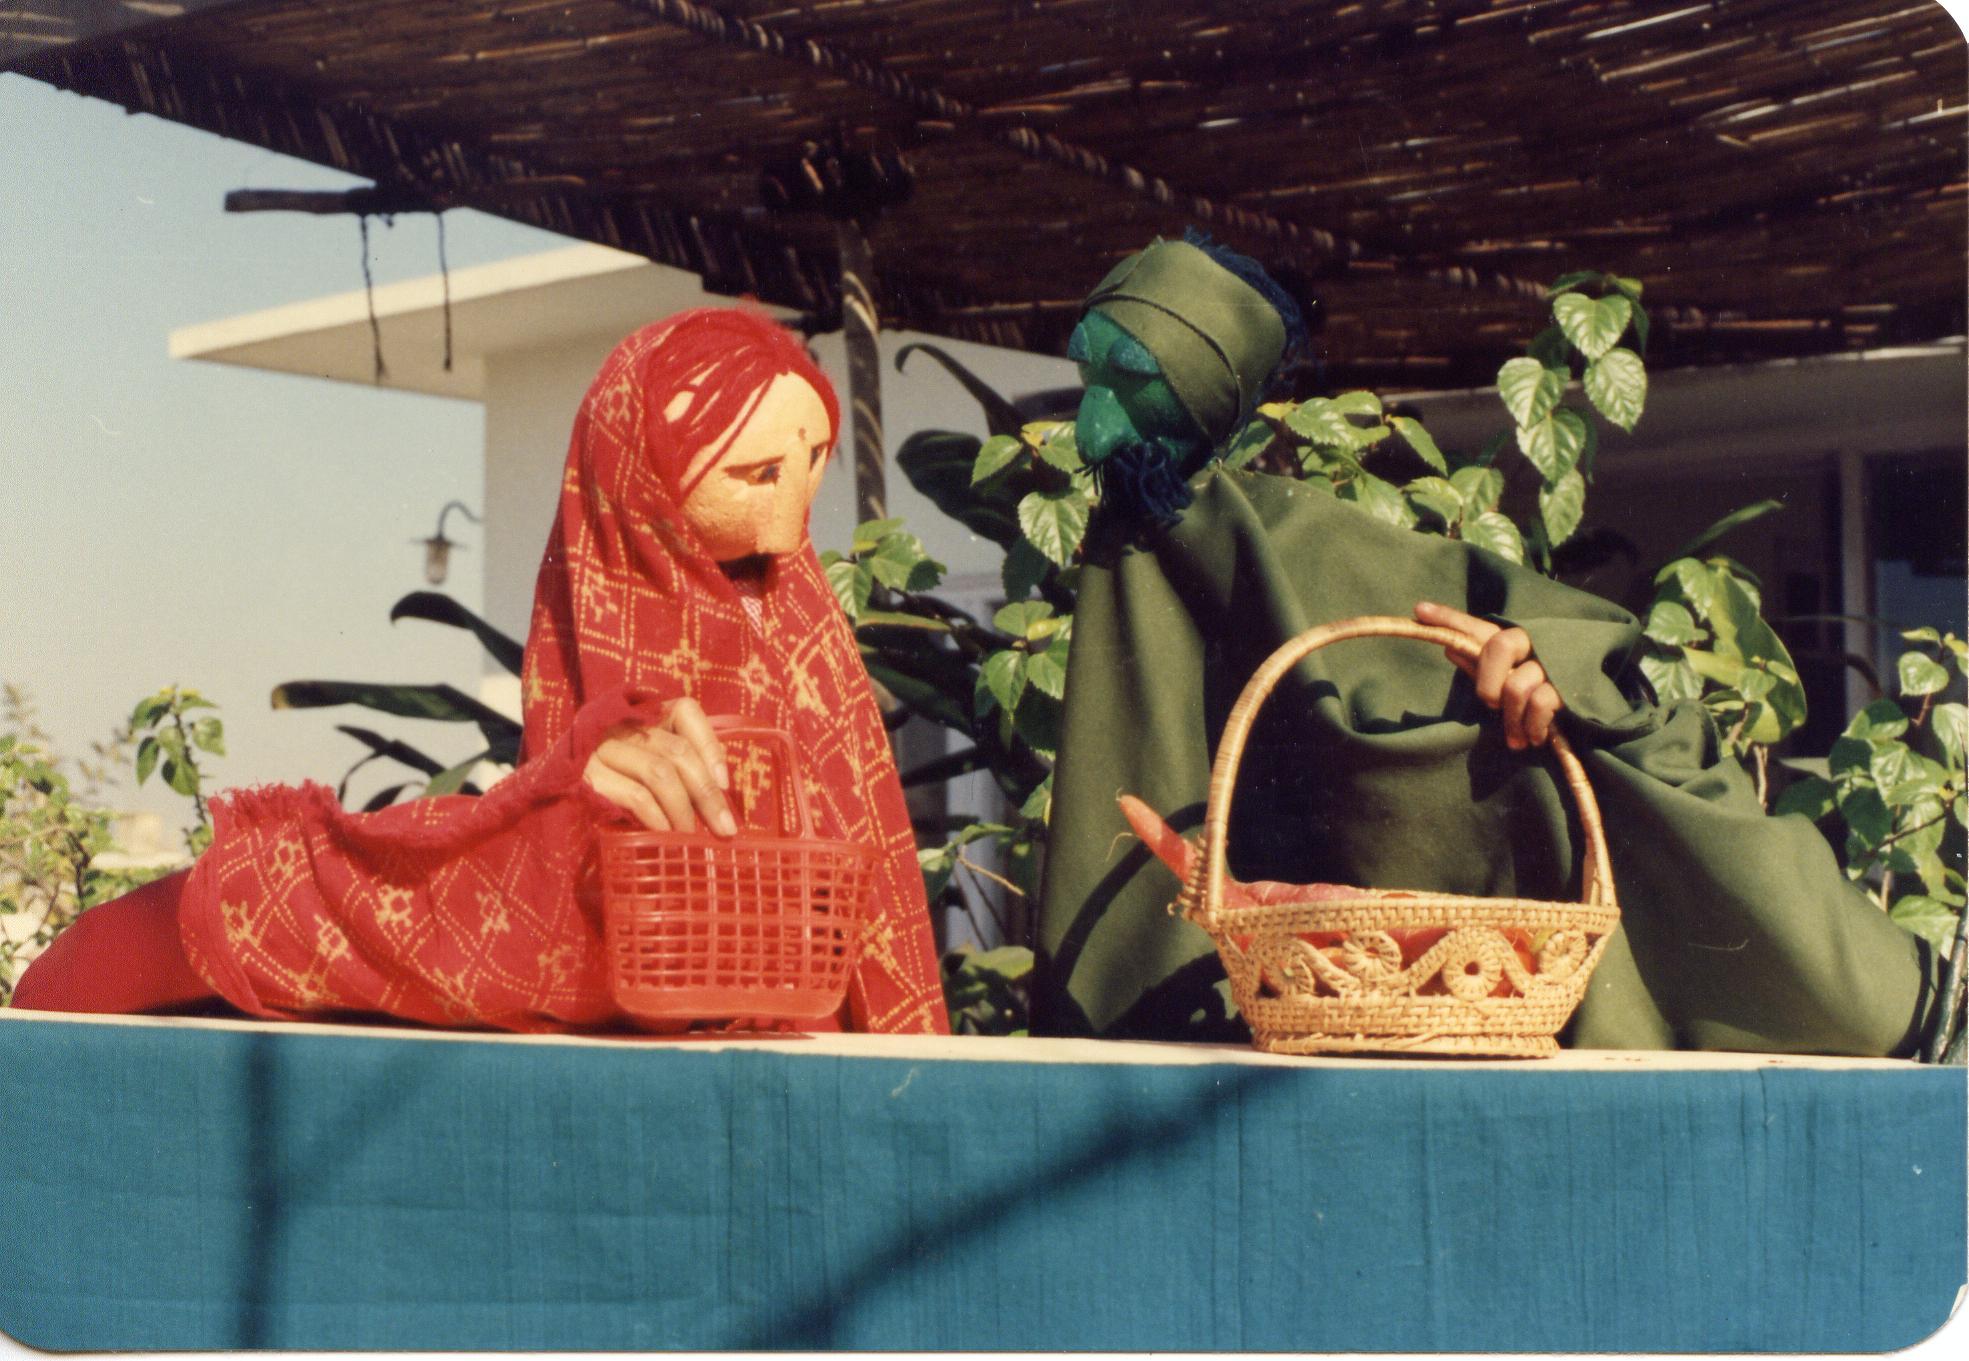 Lali Mummy et Haria Ram, deux marionnettes à tiges dans la série de spectacles, « Chowkoo-Pili », pour des enfants handicapés (New Delhi, Inde)